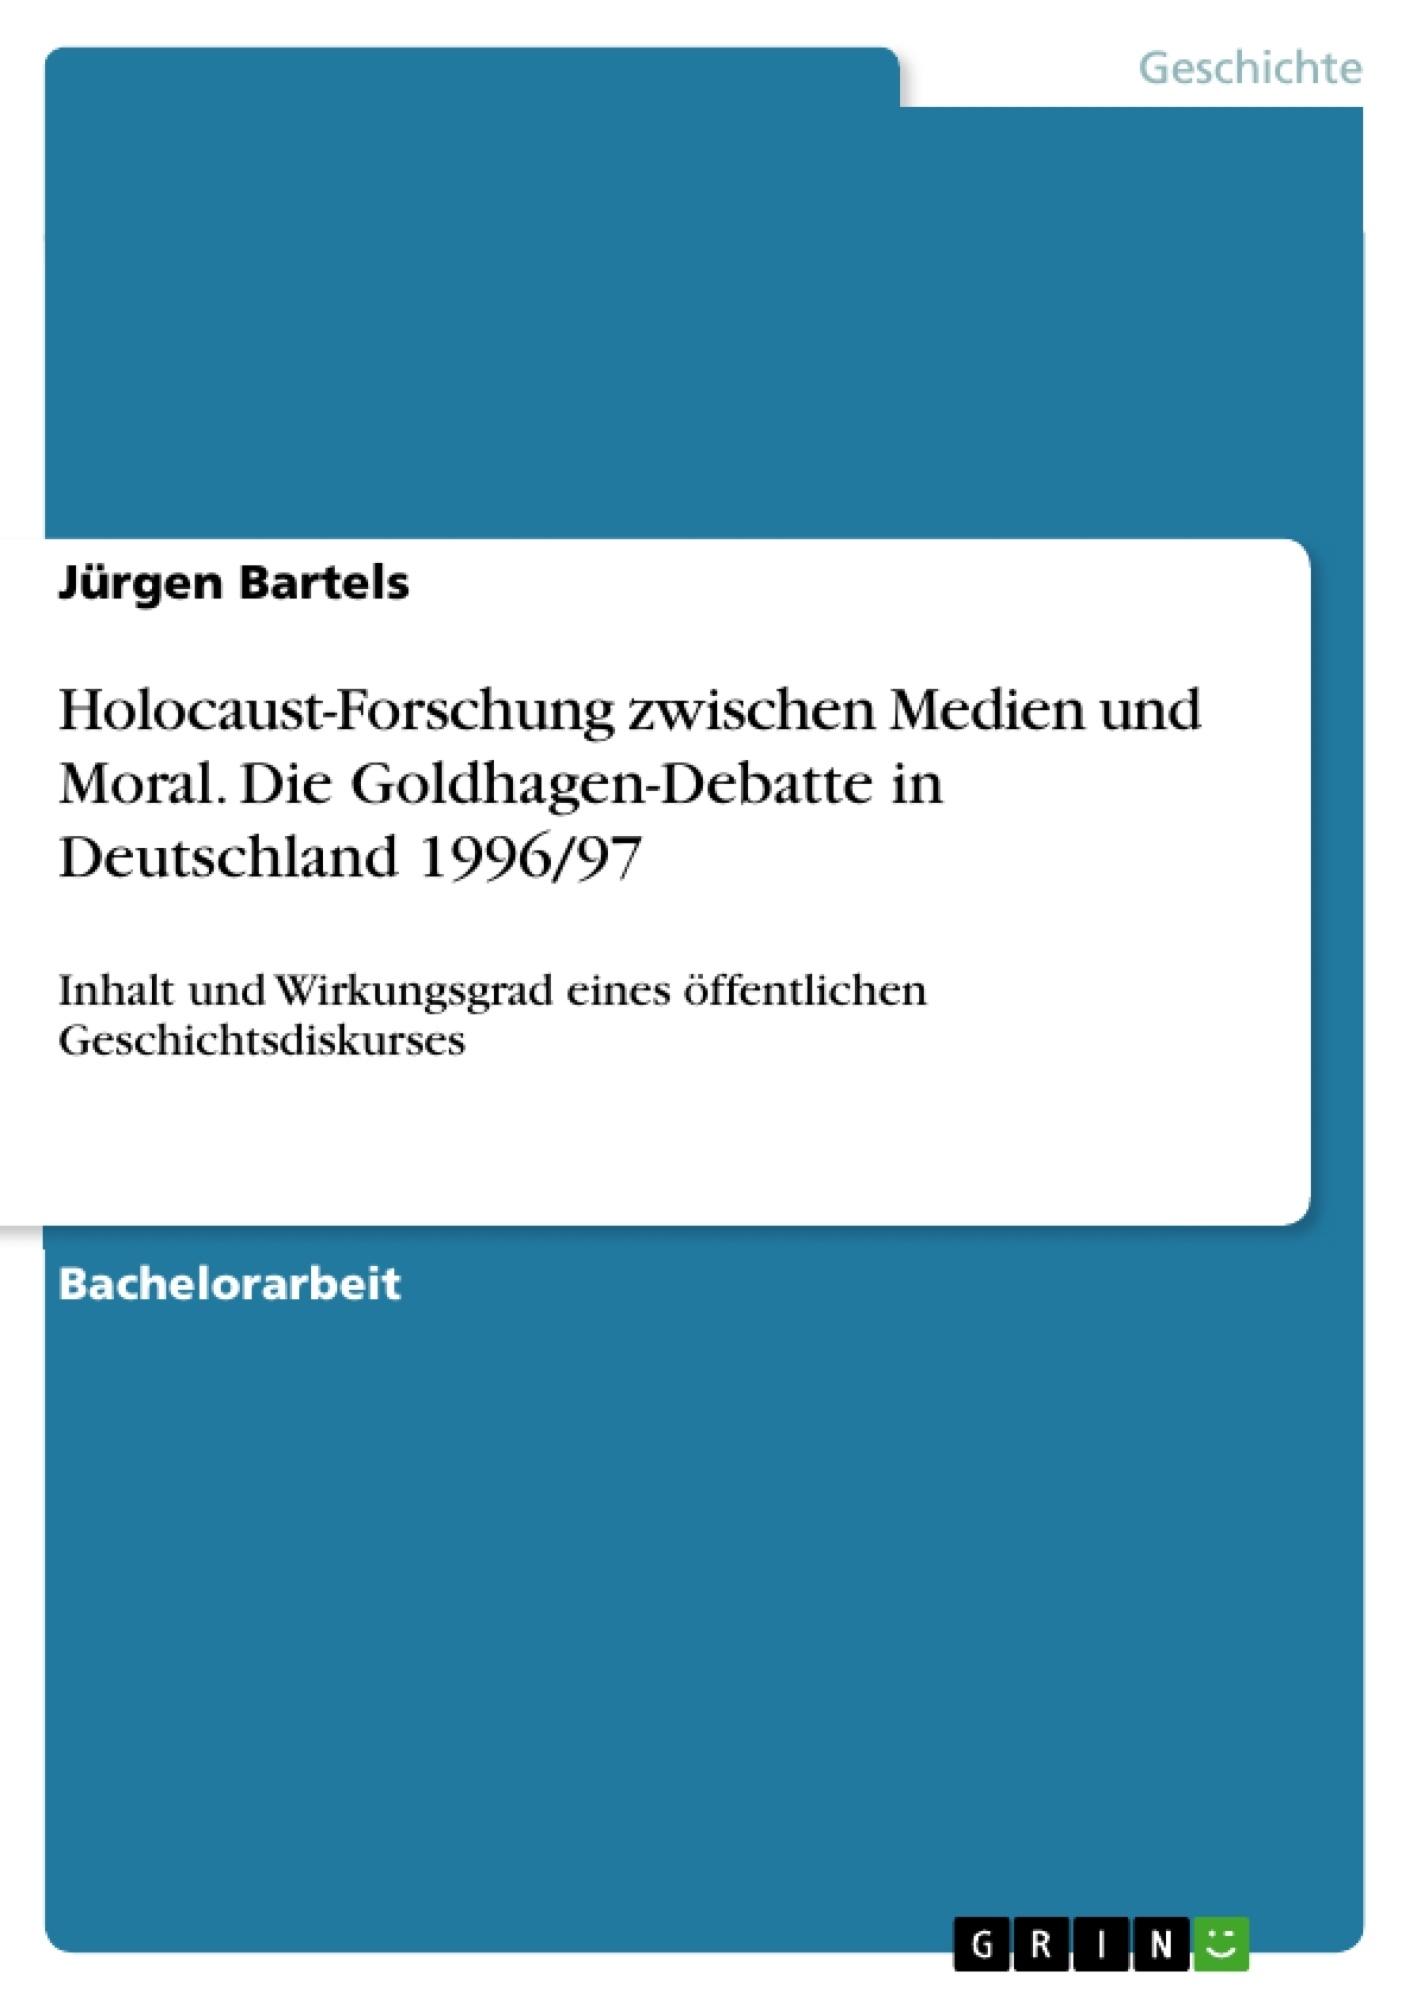 Titel: Holocaust-Forschung zwischen Medien und Moral. Die Goldhagen-Debatte in Deutschland 1996/97